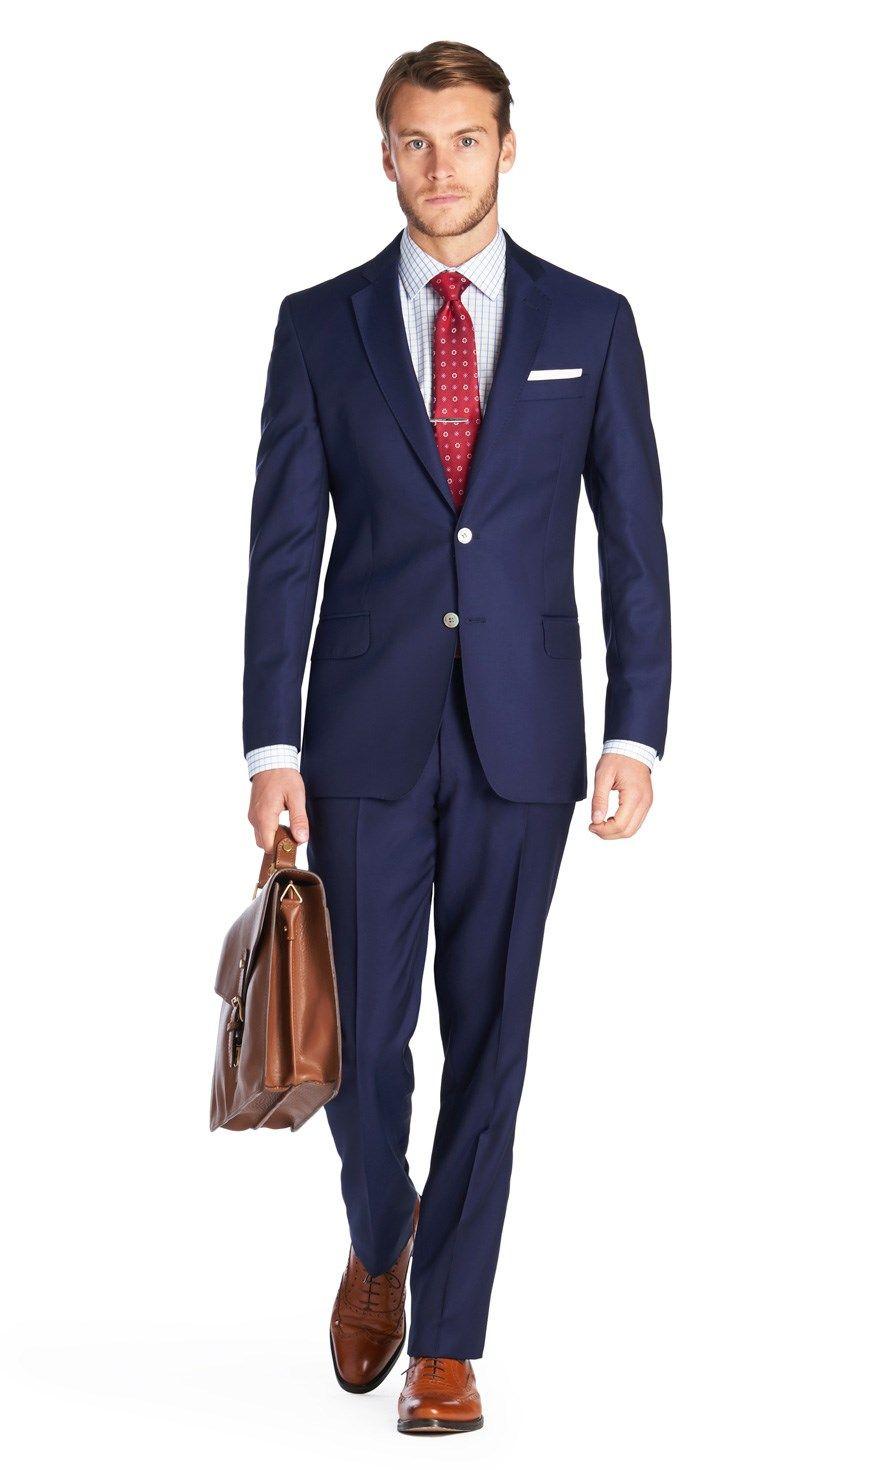 261a8da5080 Men s Royal Blue Slim Fit Italian Suit - 1913 Collection - Super ...